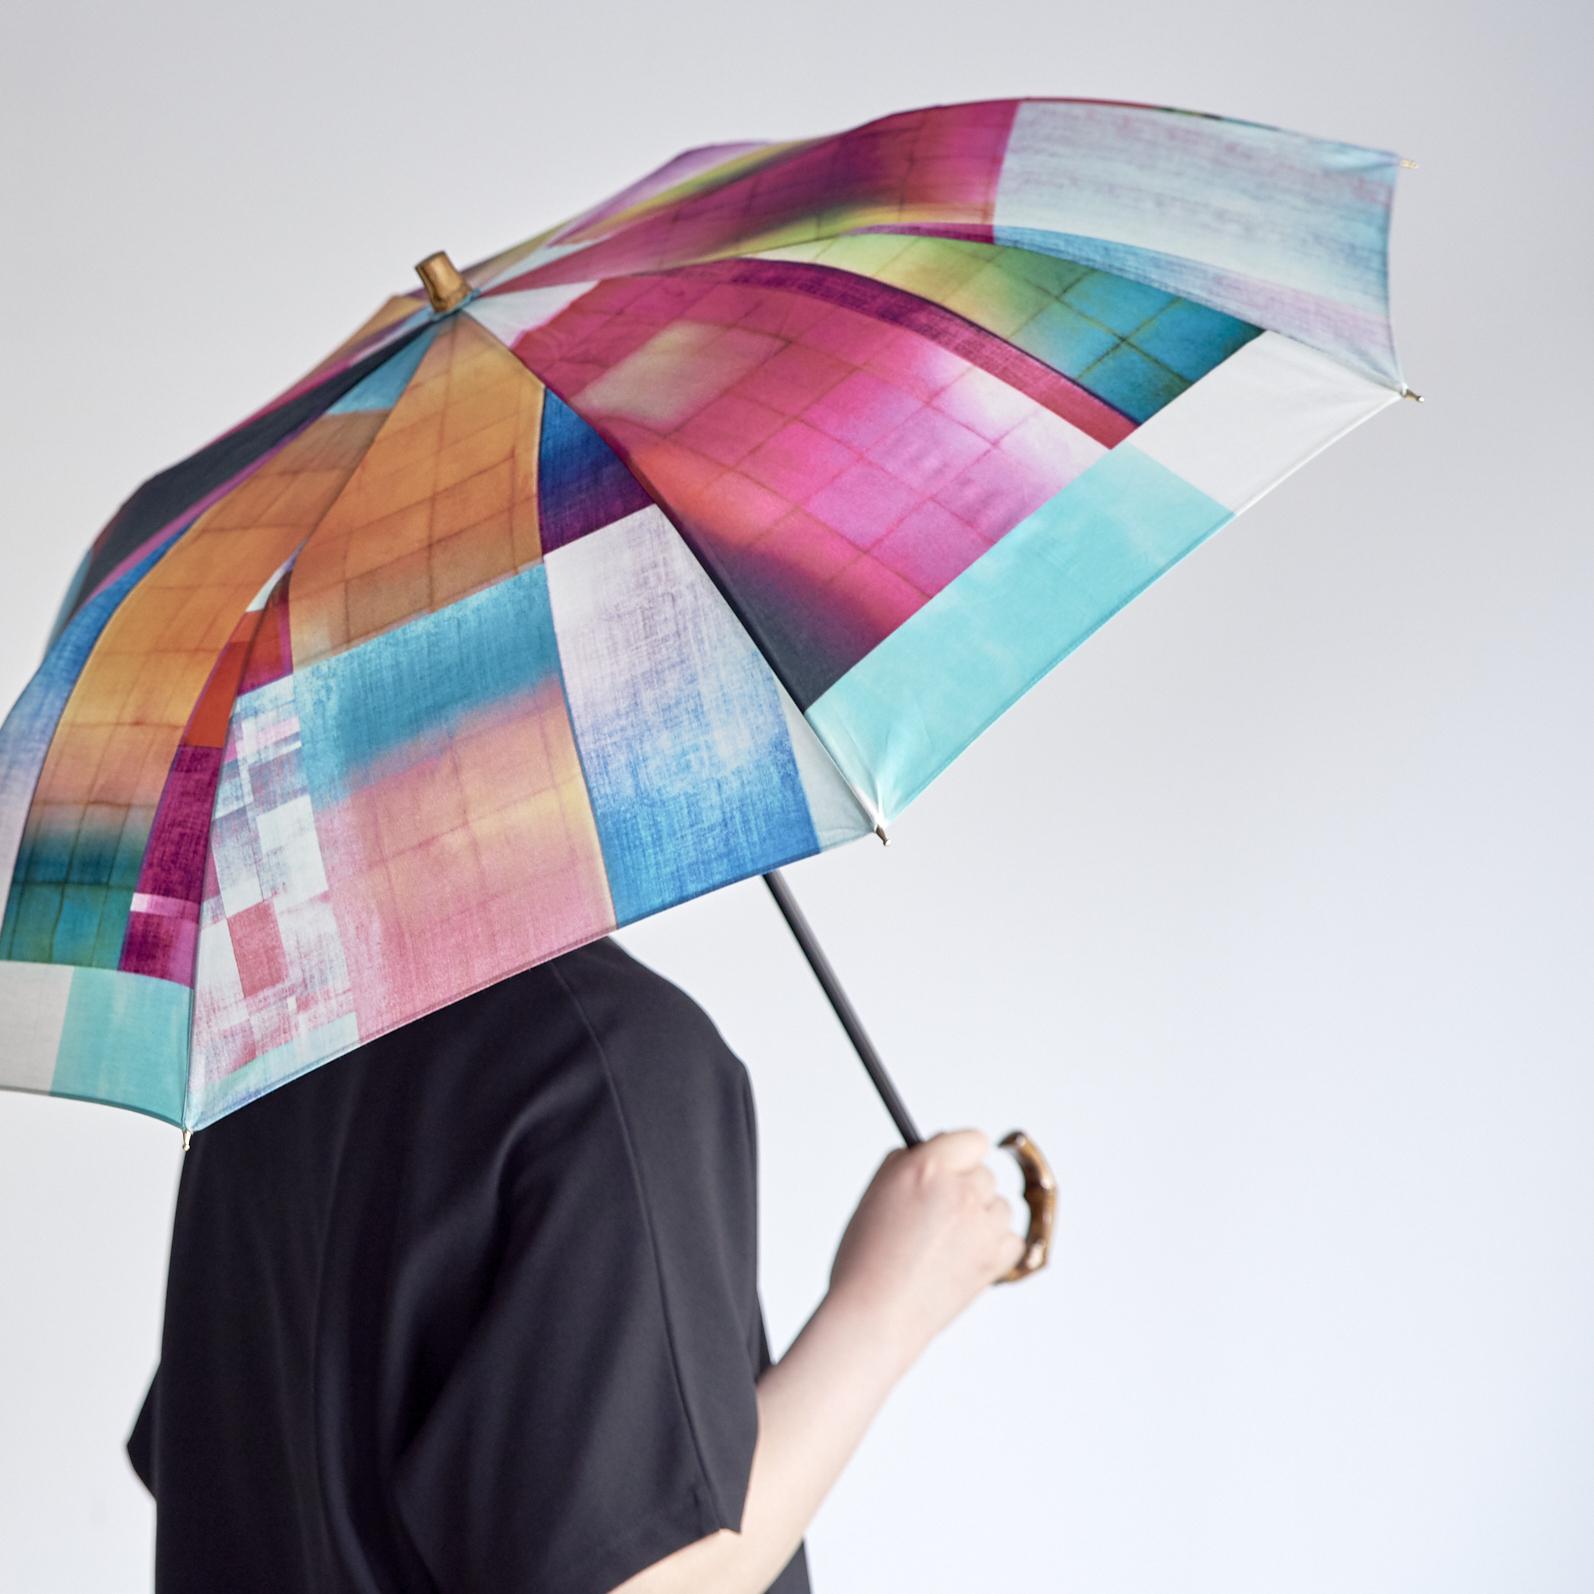 晴雨兼用の折りたたみ日傘 - STONE BLOCK - 1color